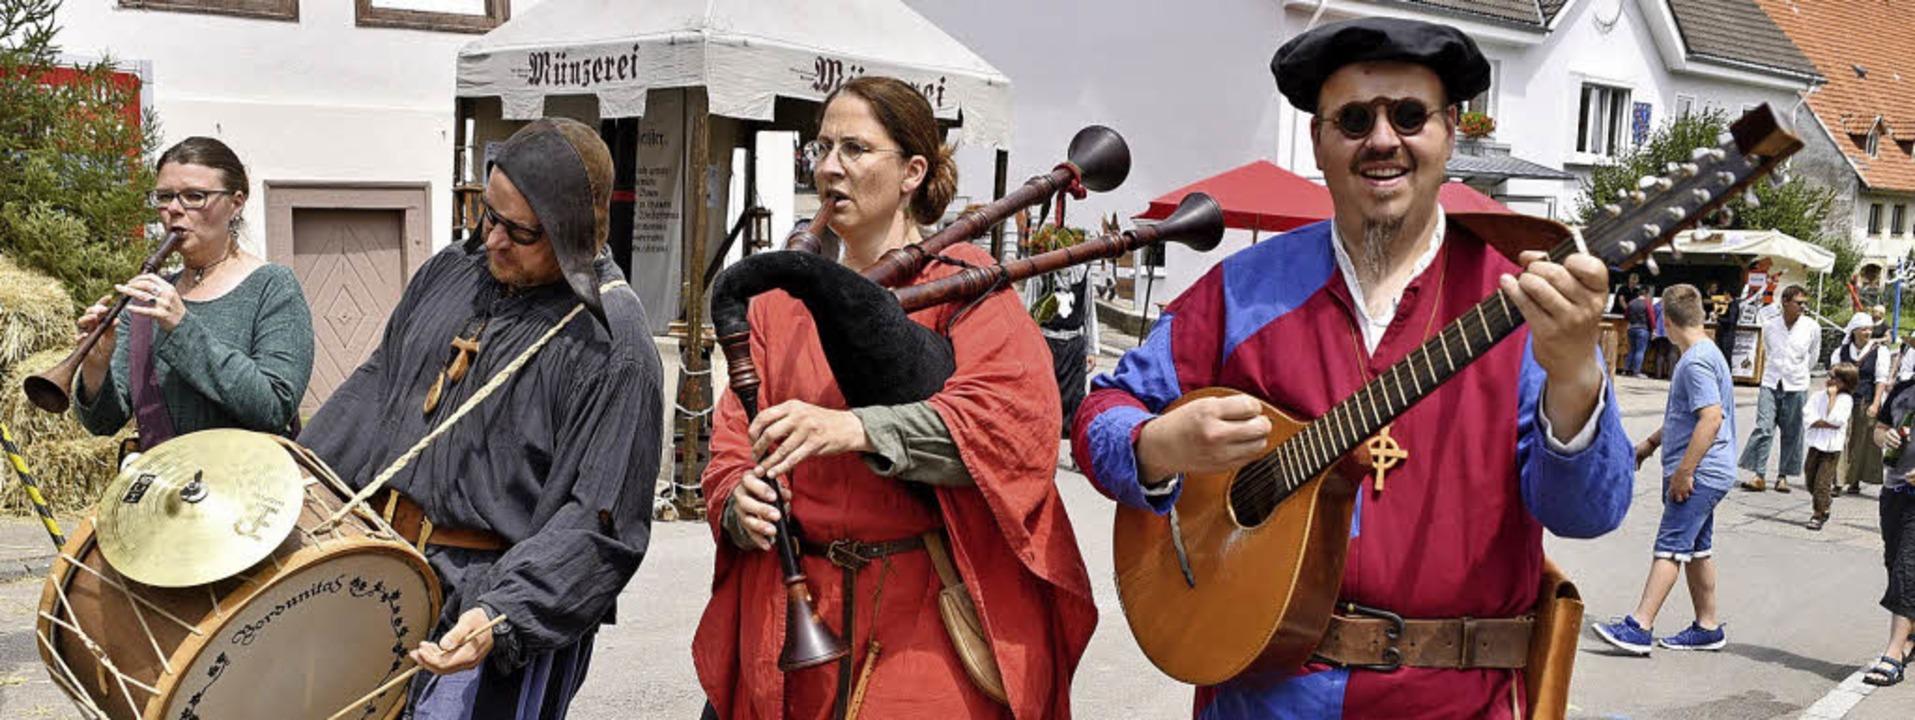 Sie entlocken ihren Instrumenten mittelalterliche Klänge.  | Foto: Philippe Thines